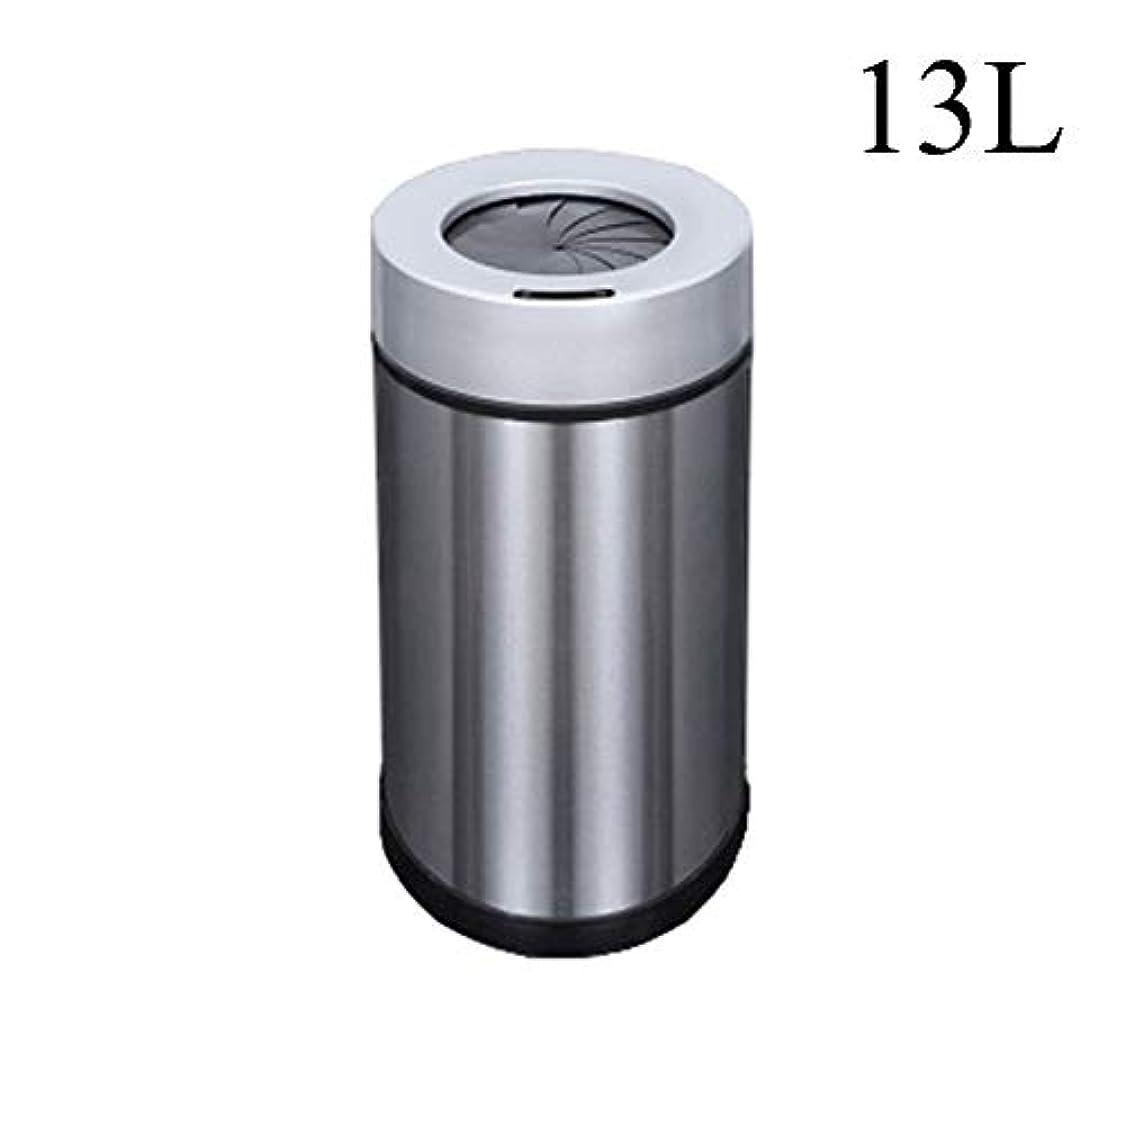 ベーシック修正する強調スマートゴミ箱自動誘導Usb充電カバー付きホームリビングルームキッチン寝室バスルーム電気,Silver